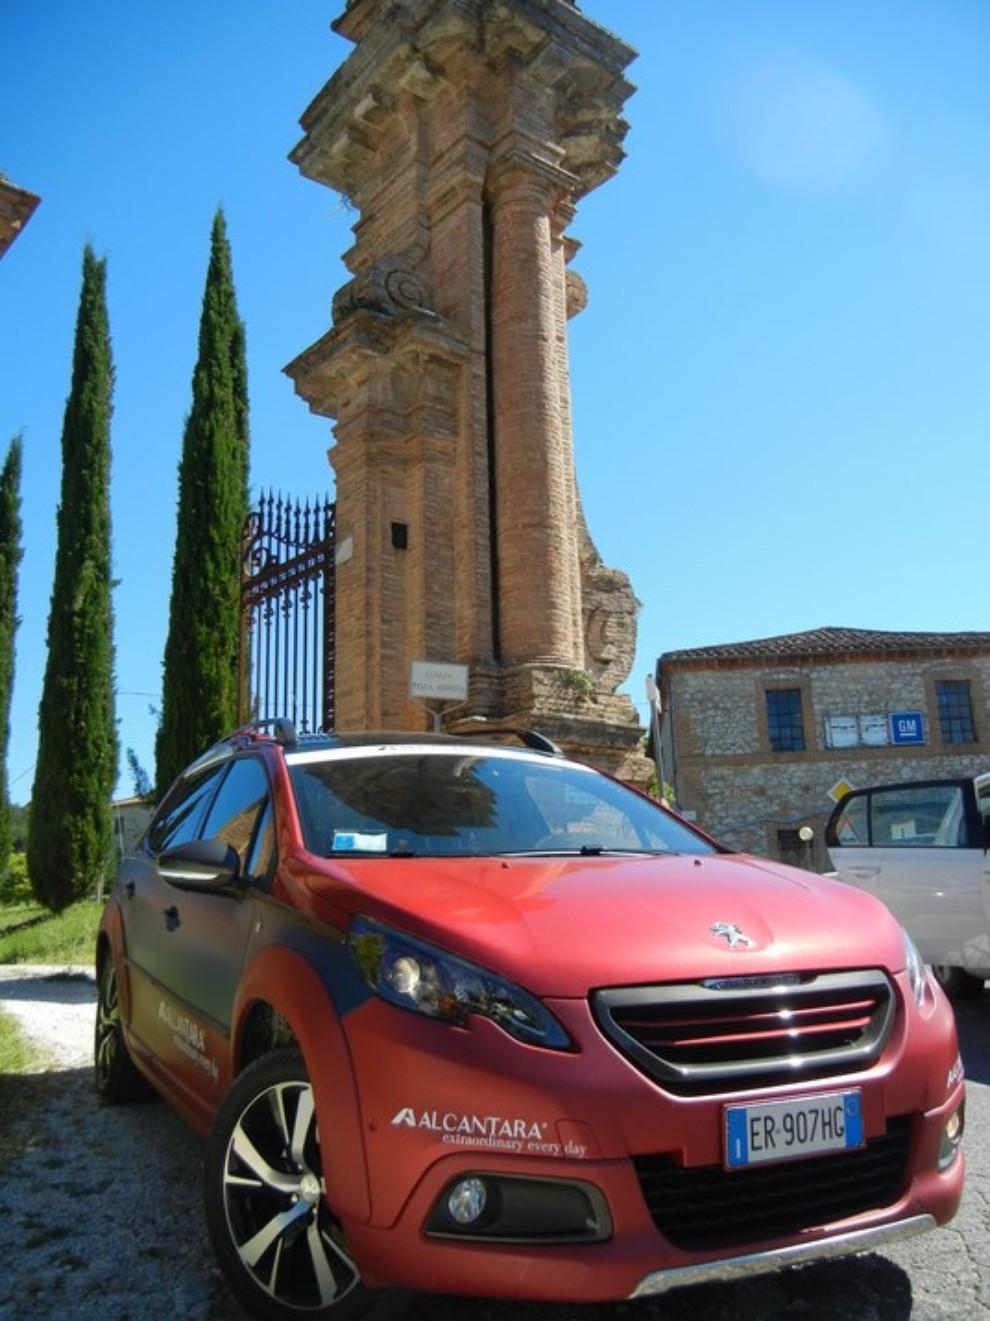 Alcantara, simbolo dell'eccellenza Made in Italy - Foto 25 di 25